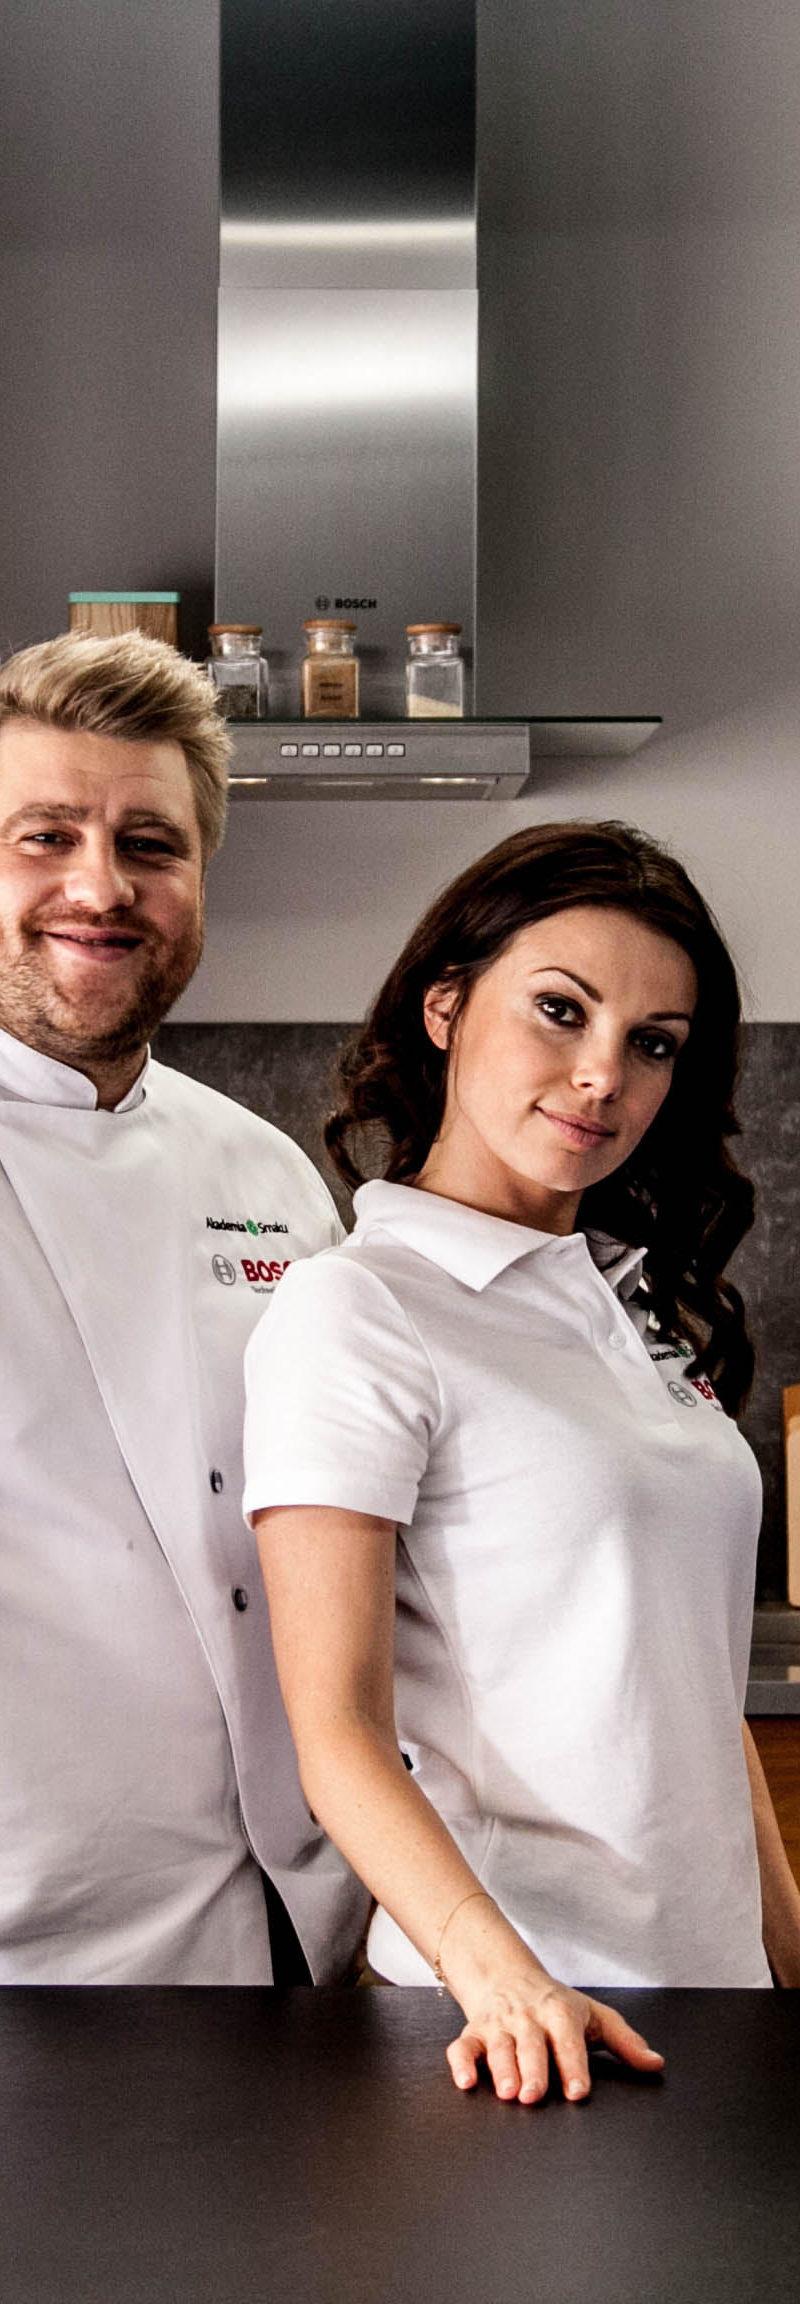 Poradnik kulinarny oraz vademecum gotowania